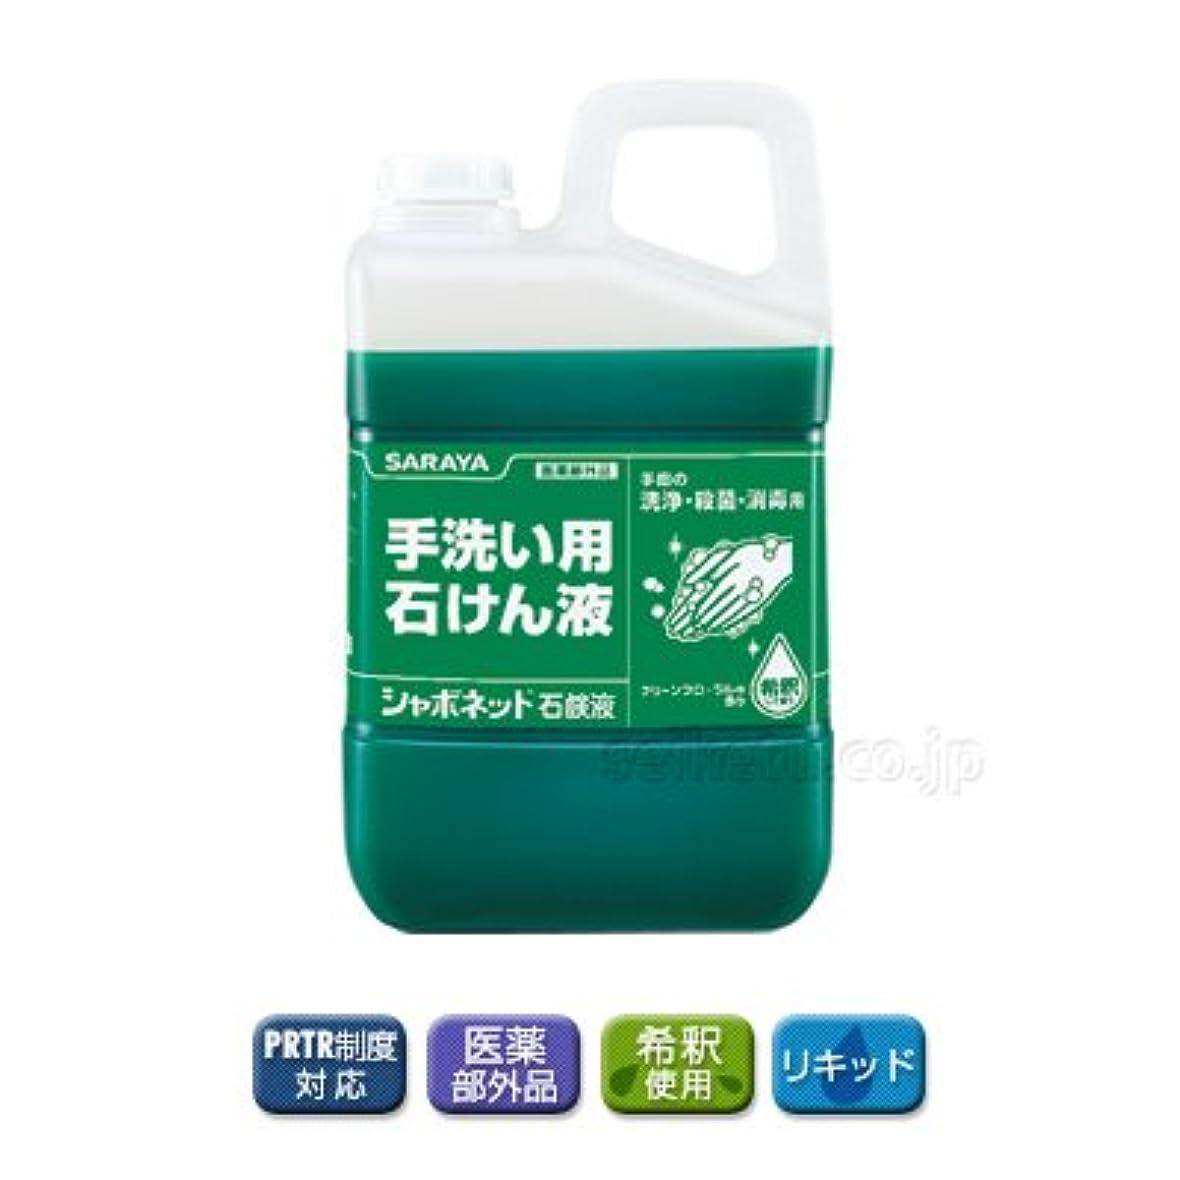 資金節約する薬理学【清潔キレイ館】サラヤ シャボネット石鹸液(3kg)